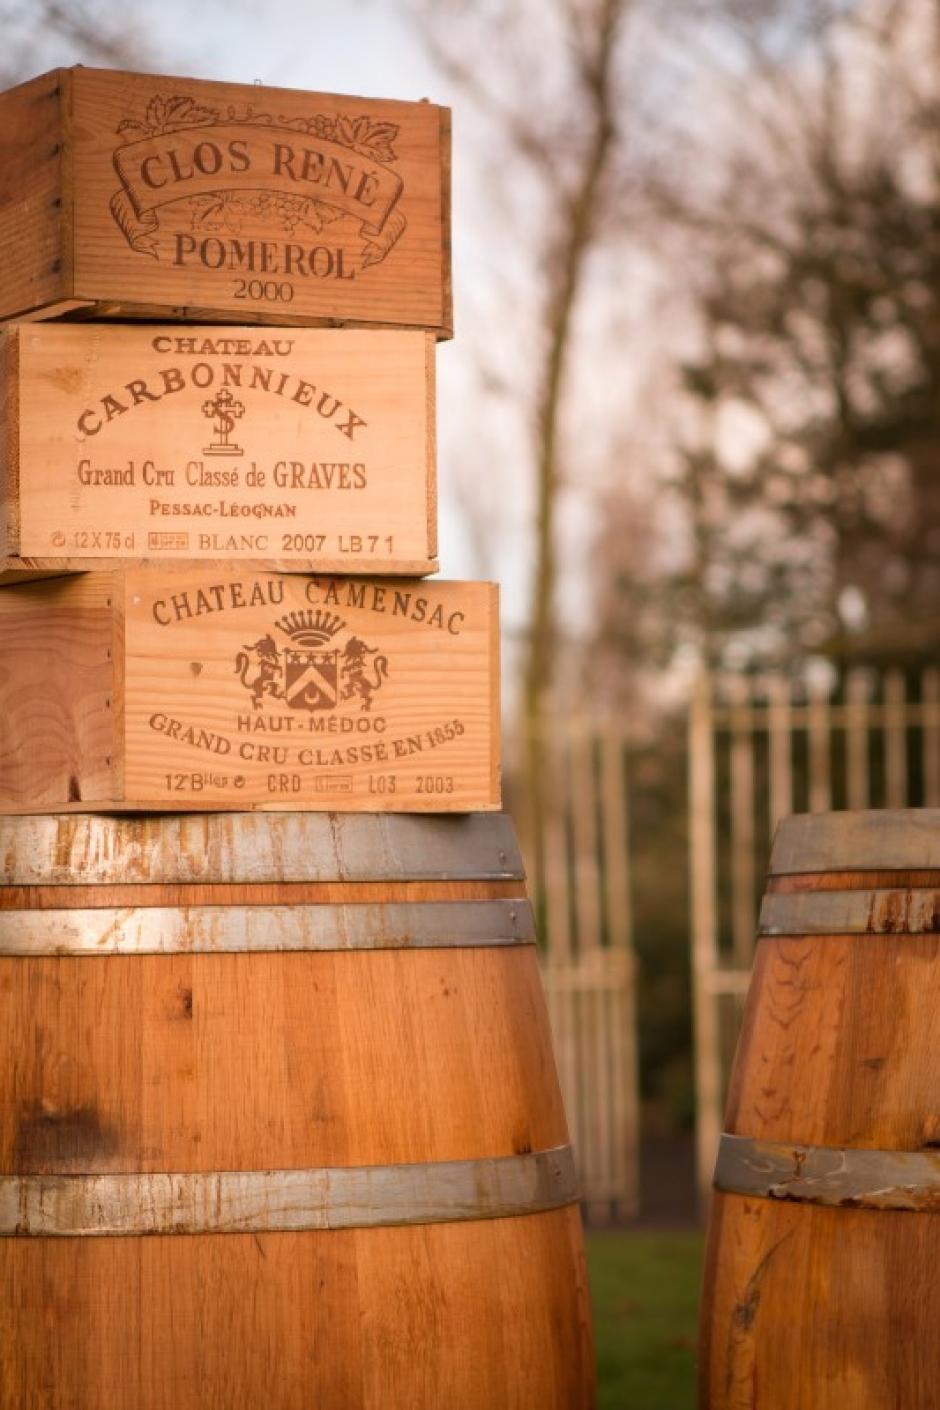 Een biologische wijn is een wijn gemaakt van kwaliteitsdruiven die biologisch geteeld zijn.